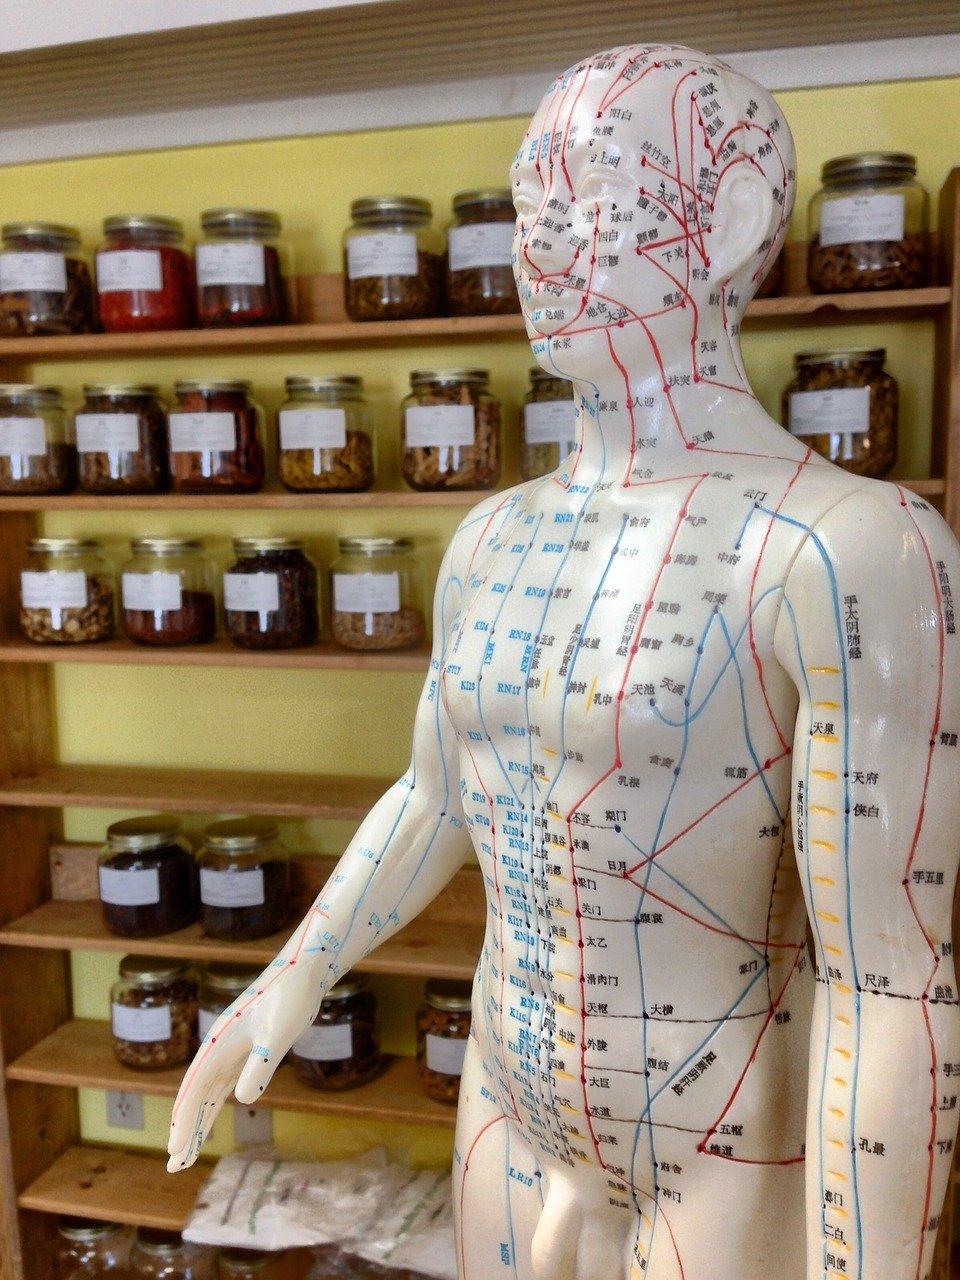 Jong Fysiospecialisten Duiven N de fysiotherapie kosten